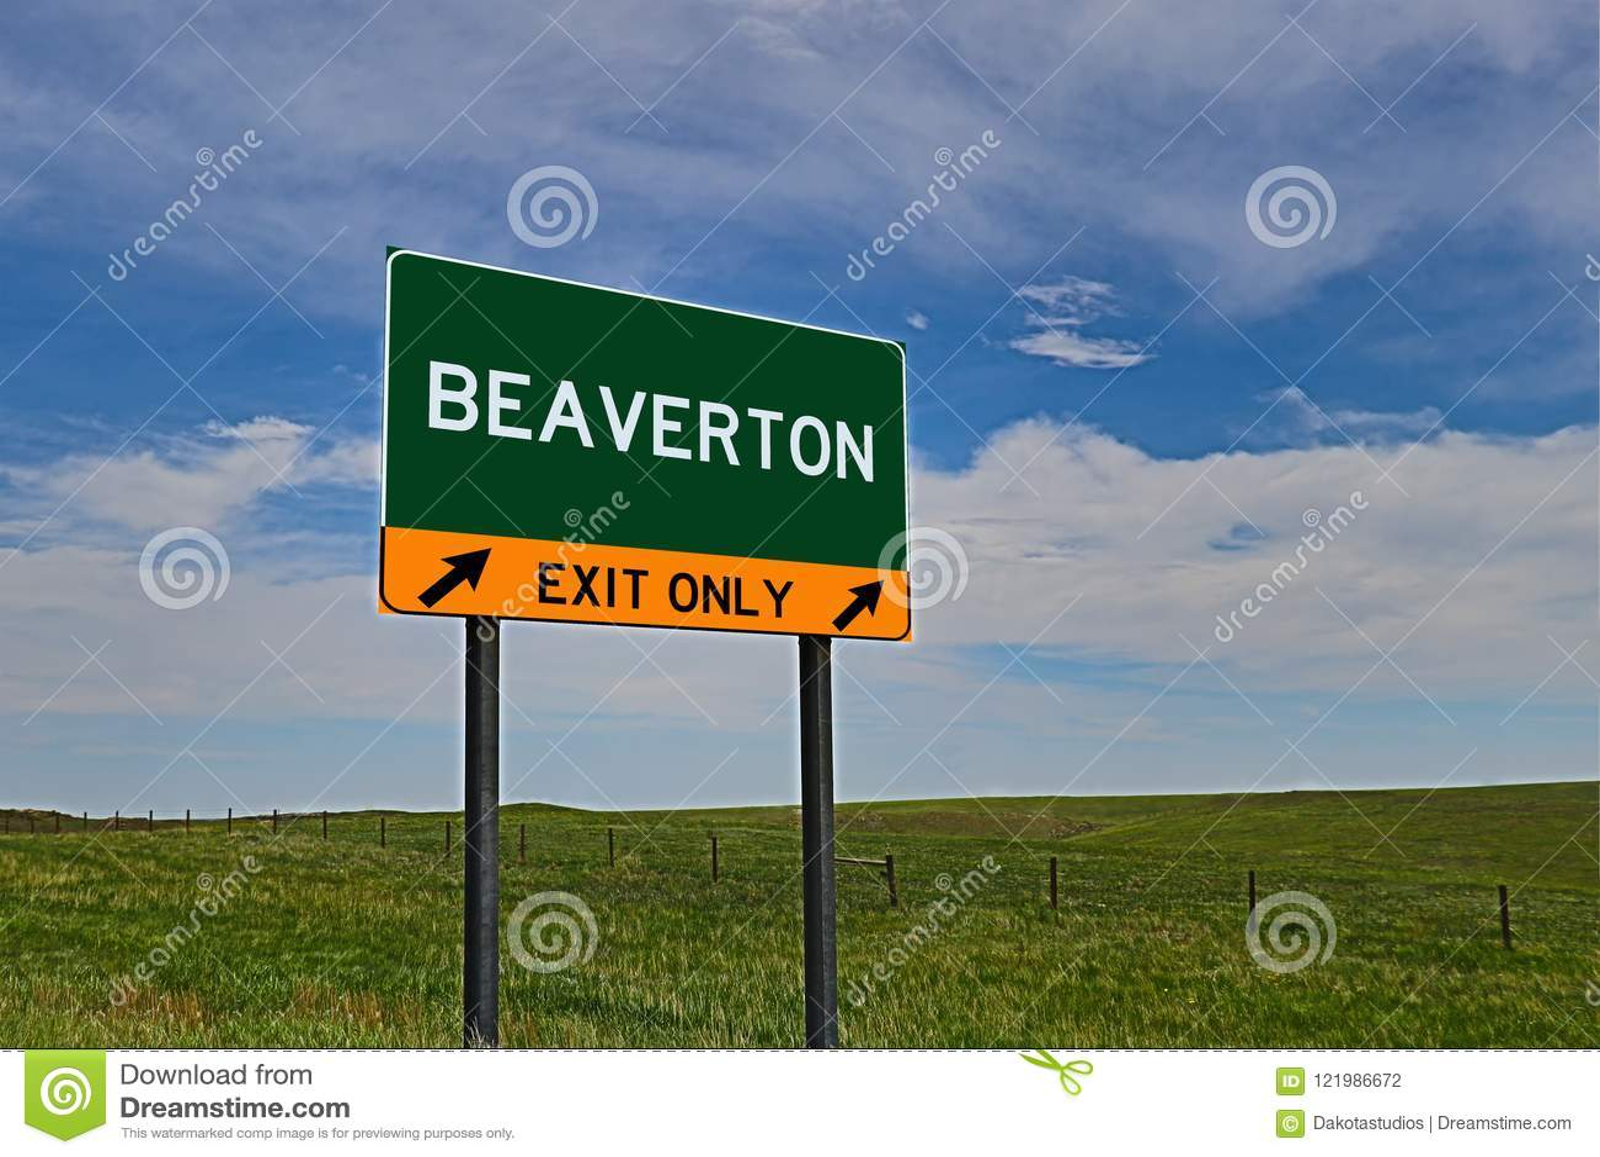 US-Landstraßen-Ausgangs-Zeichen für Beaverton